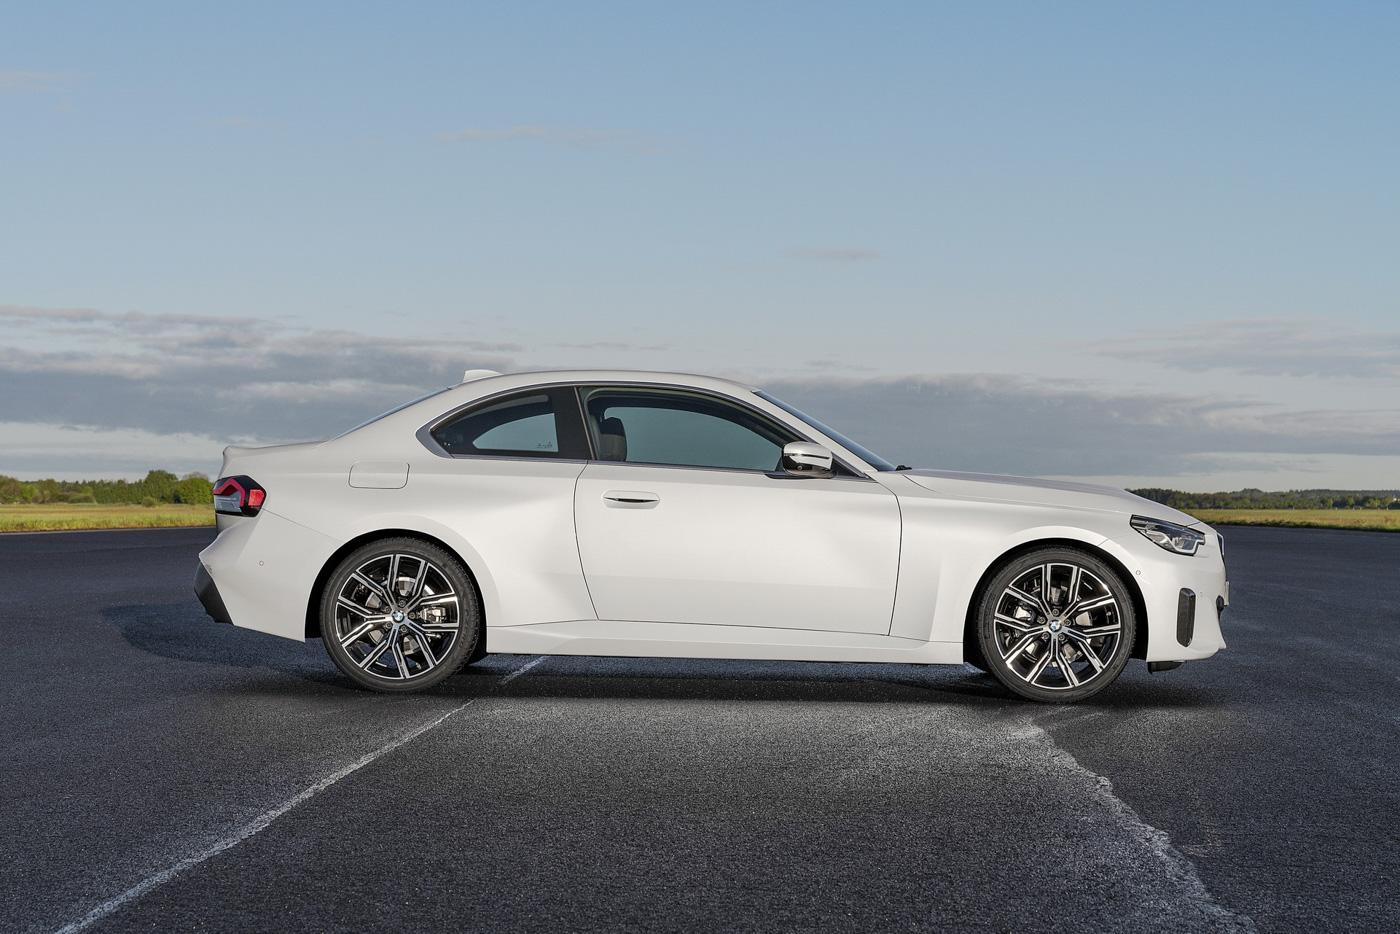 BMW-2-series-2022-ra-mắt-với-giá-bán-từ-36350-usd-31.jpg